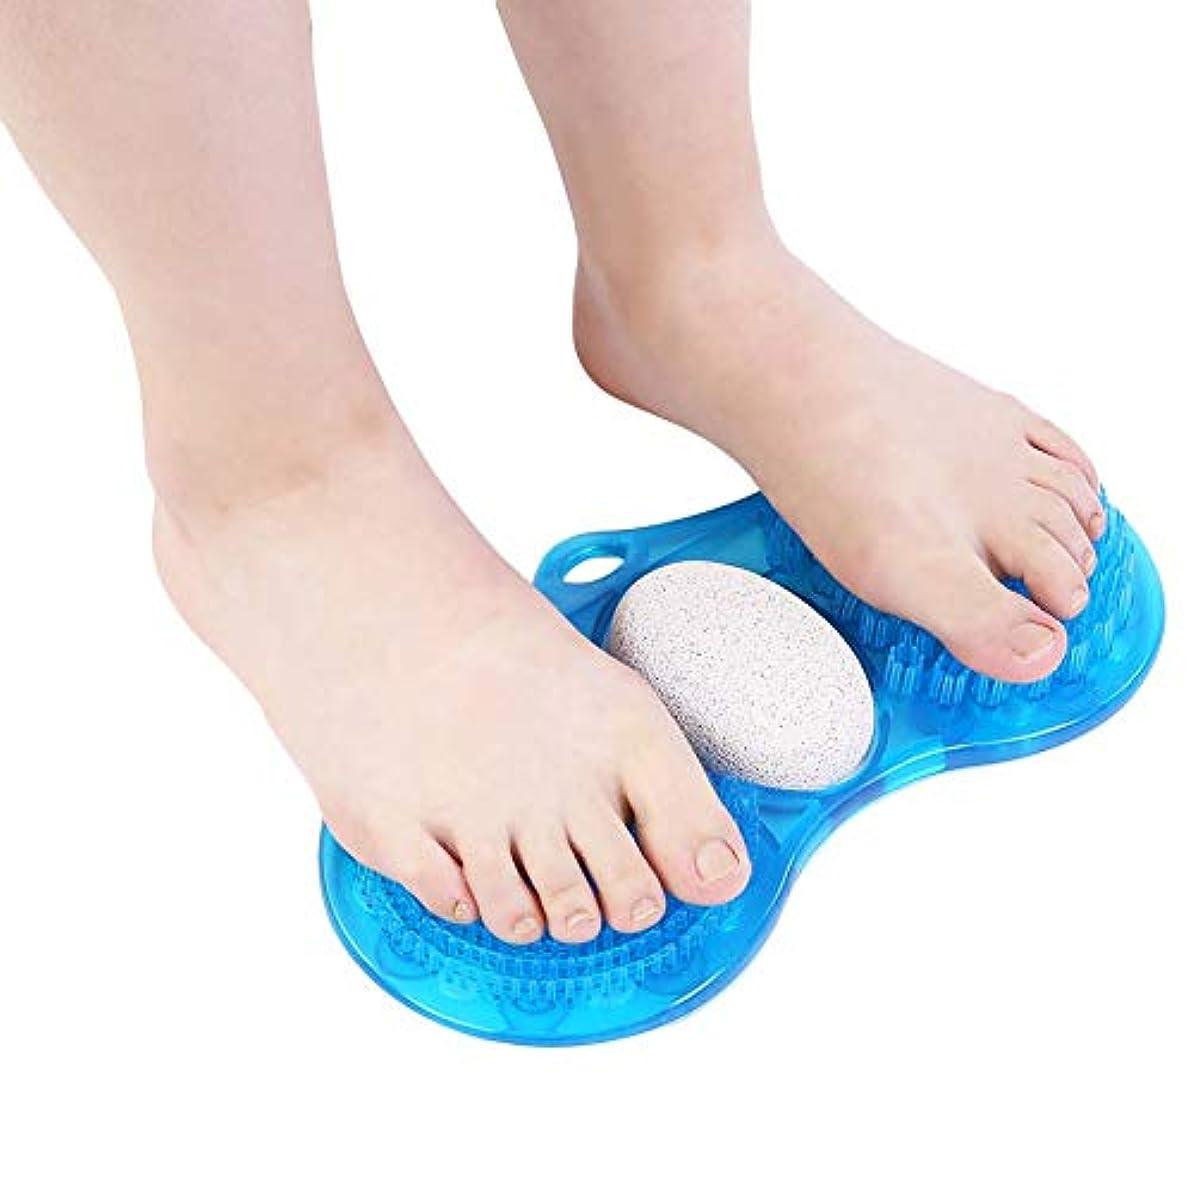 ほのめかす強制的足首足洗いブラシ フットブラシ バスマット 角質除去 マッサージ 血行促進 吸盤付き マット ブラシ お風呂 足洗い用 フットケア ミニ